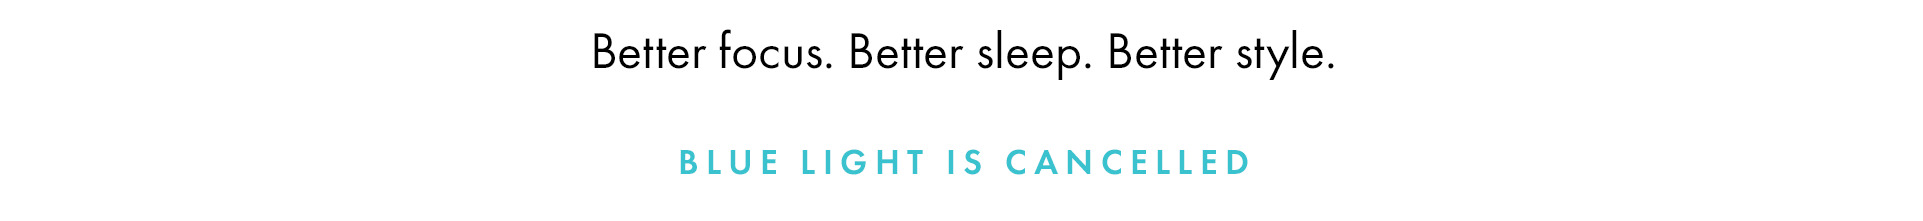 Better focus. Better sleep. Better style. Blue light is cancelled.